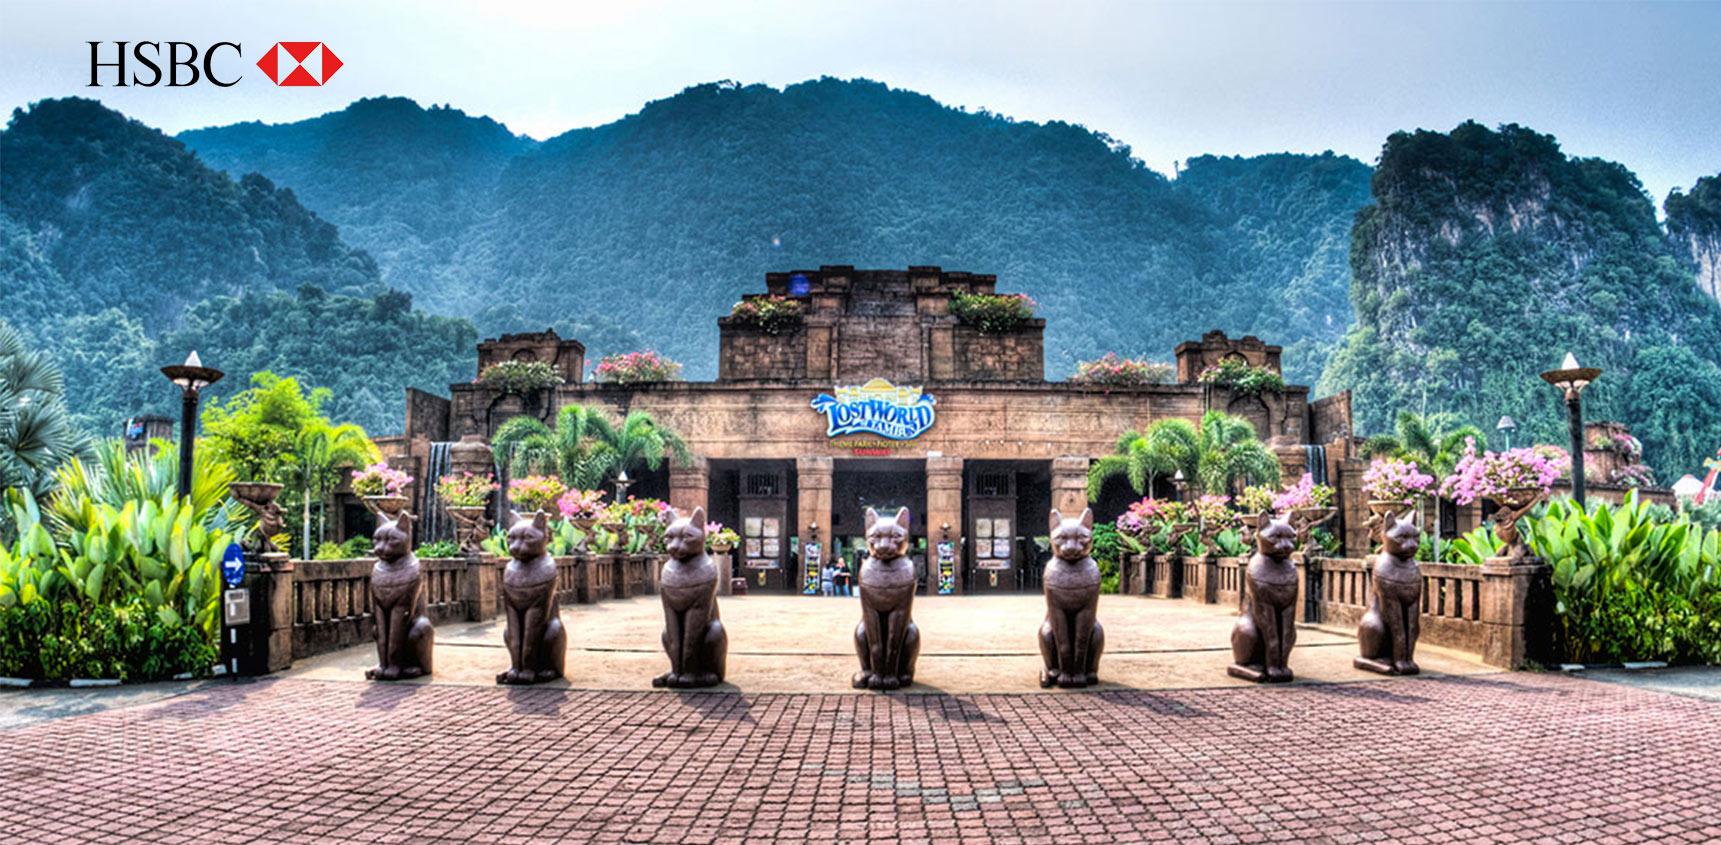 HSBC Travel Deals Lost World of Tambun General